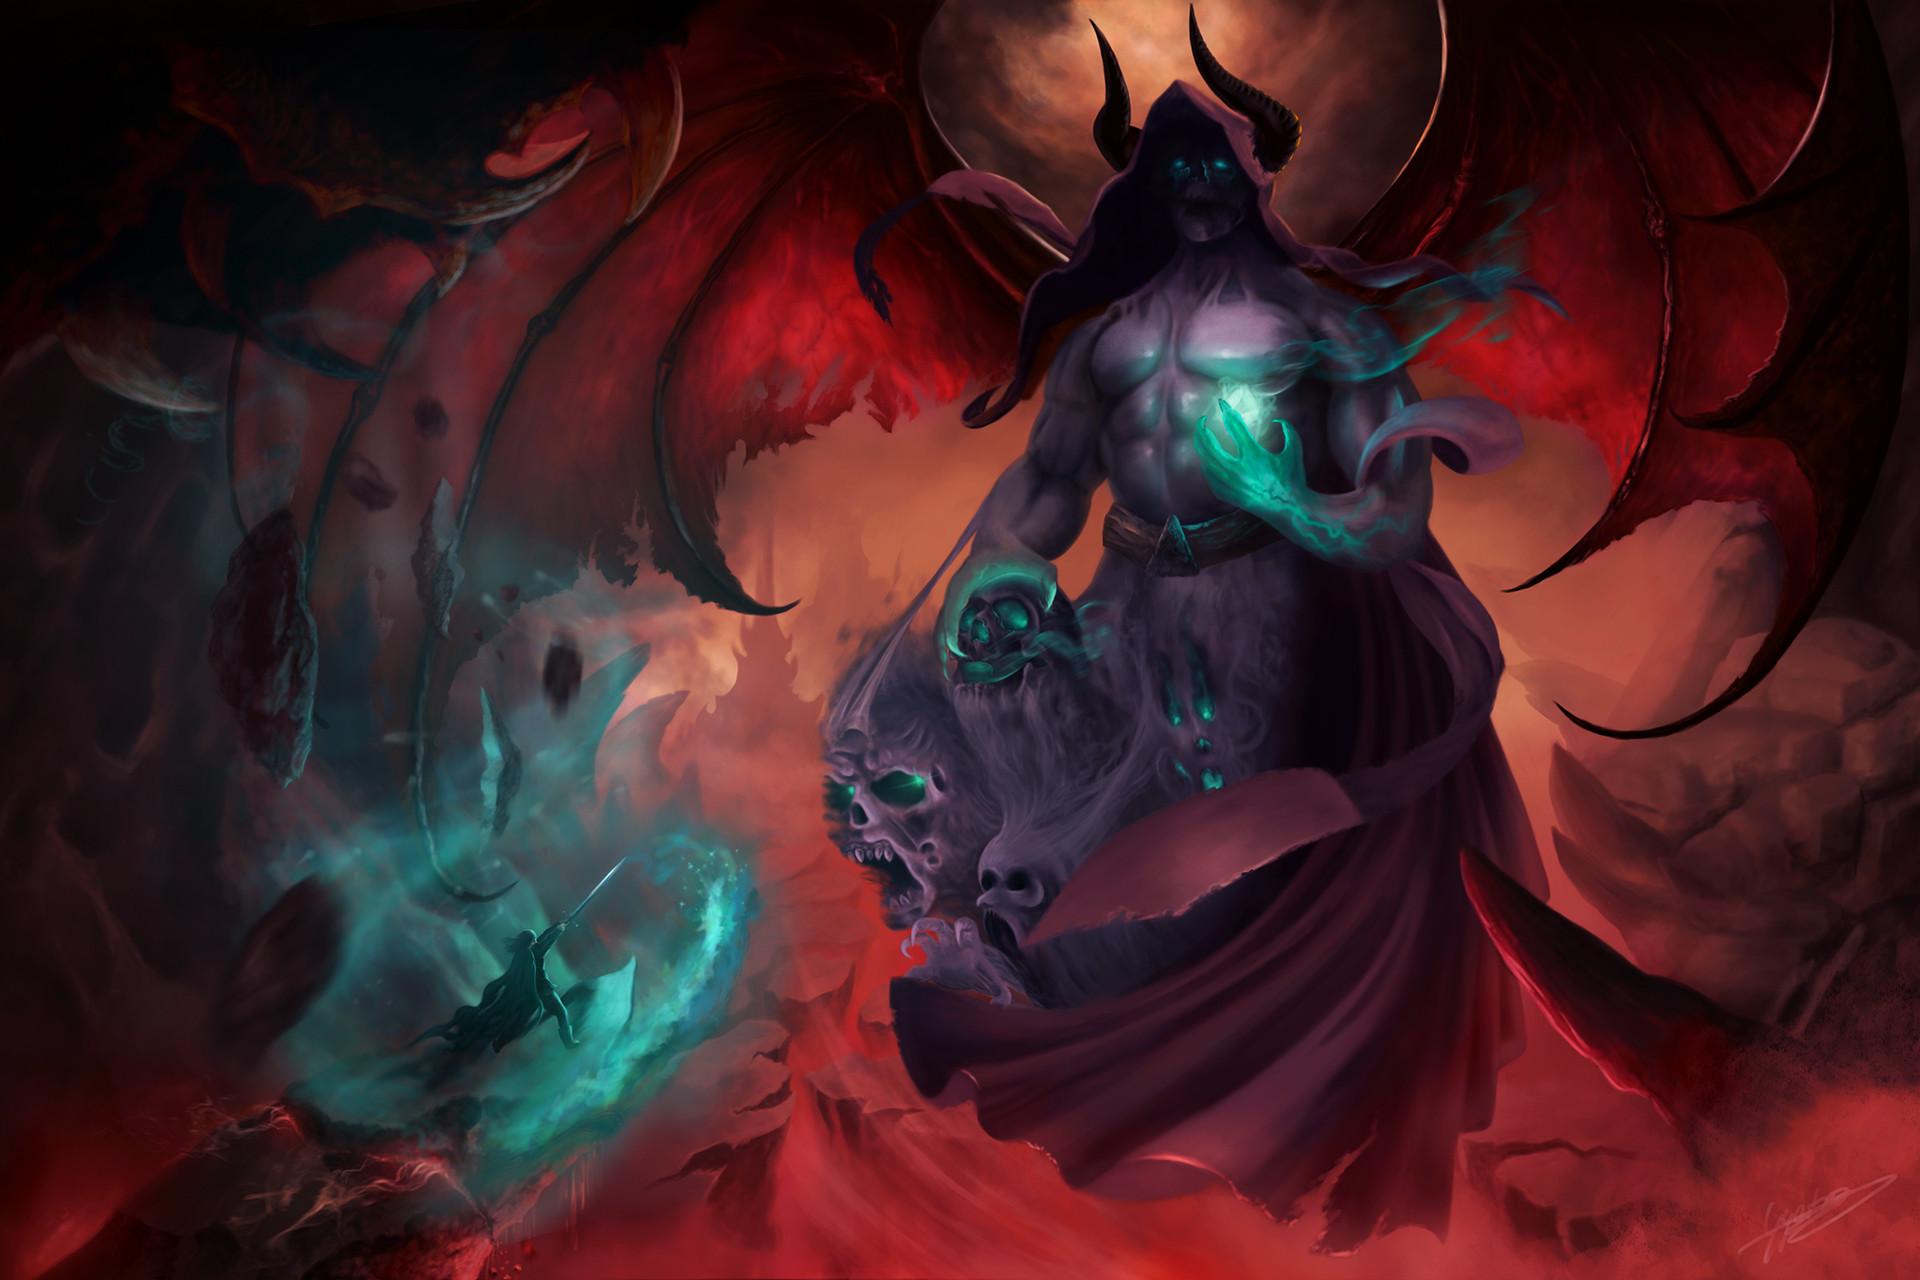 Jeroen gyesbreghs inferno